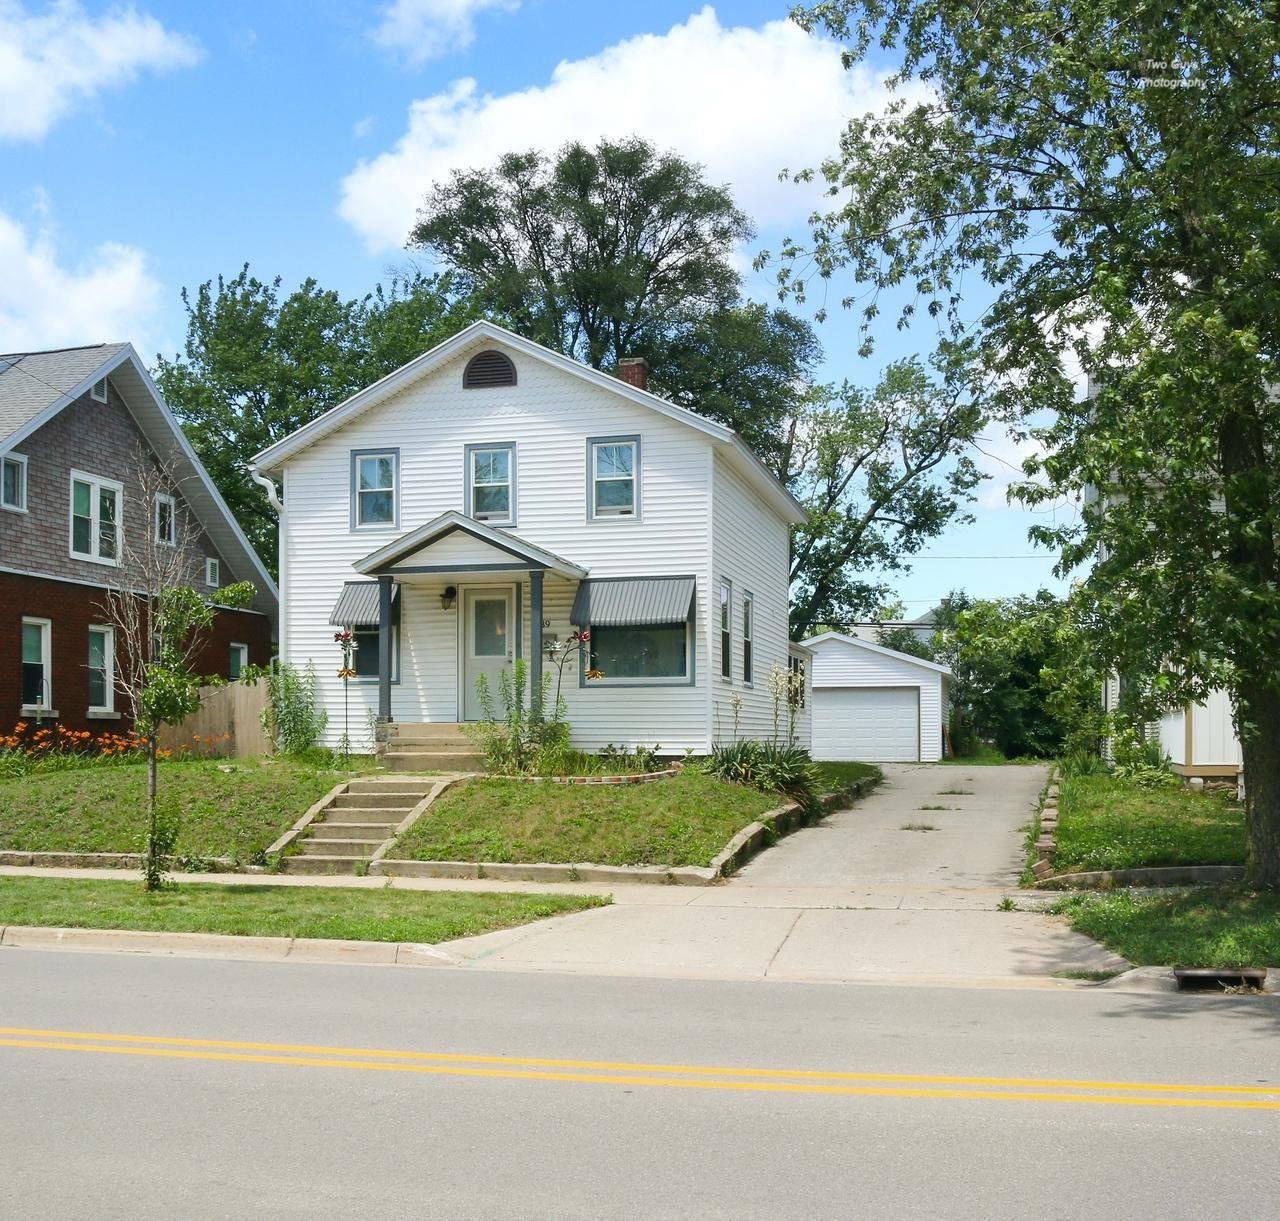 39 E 16th Street, Holland, MI 49423 - MLS#: 21025877